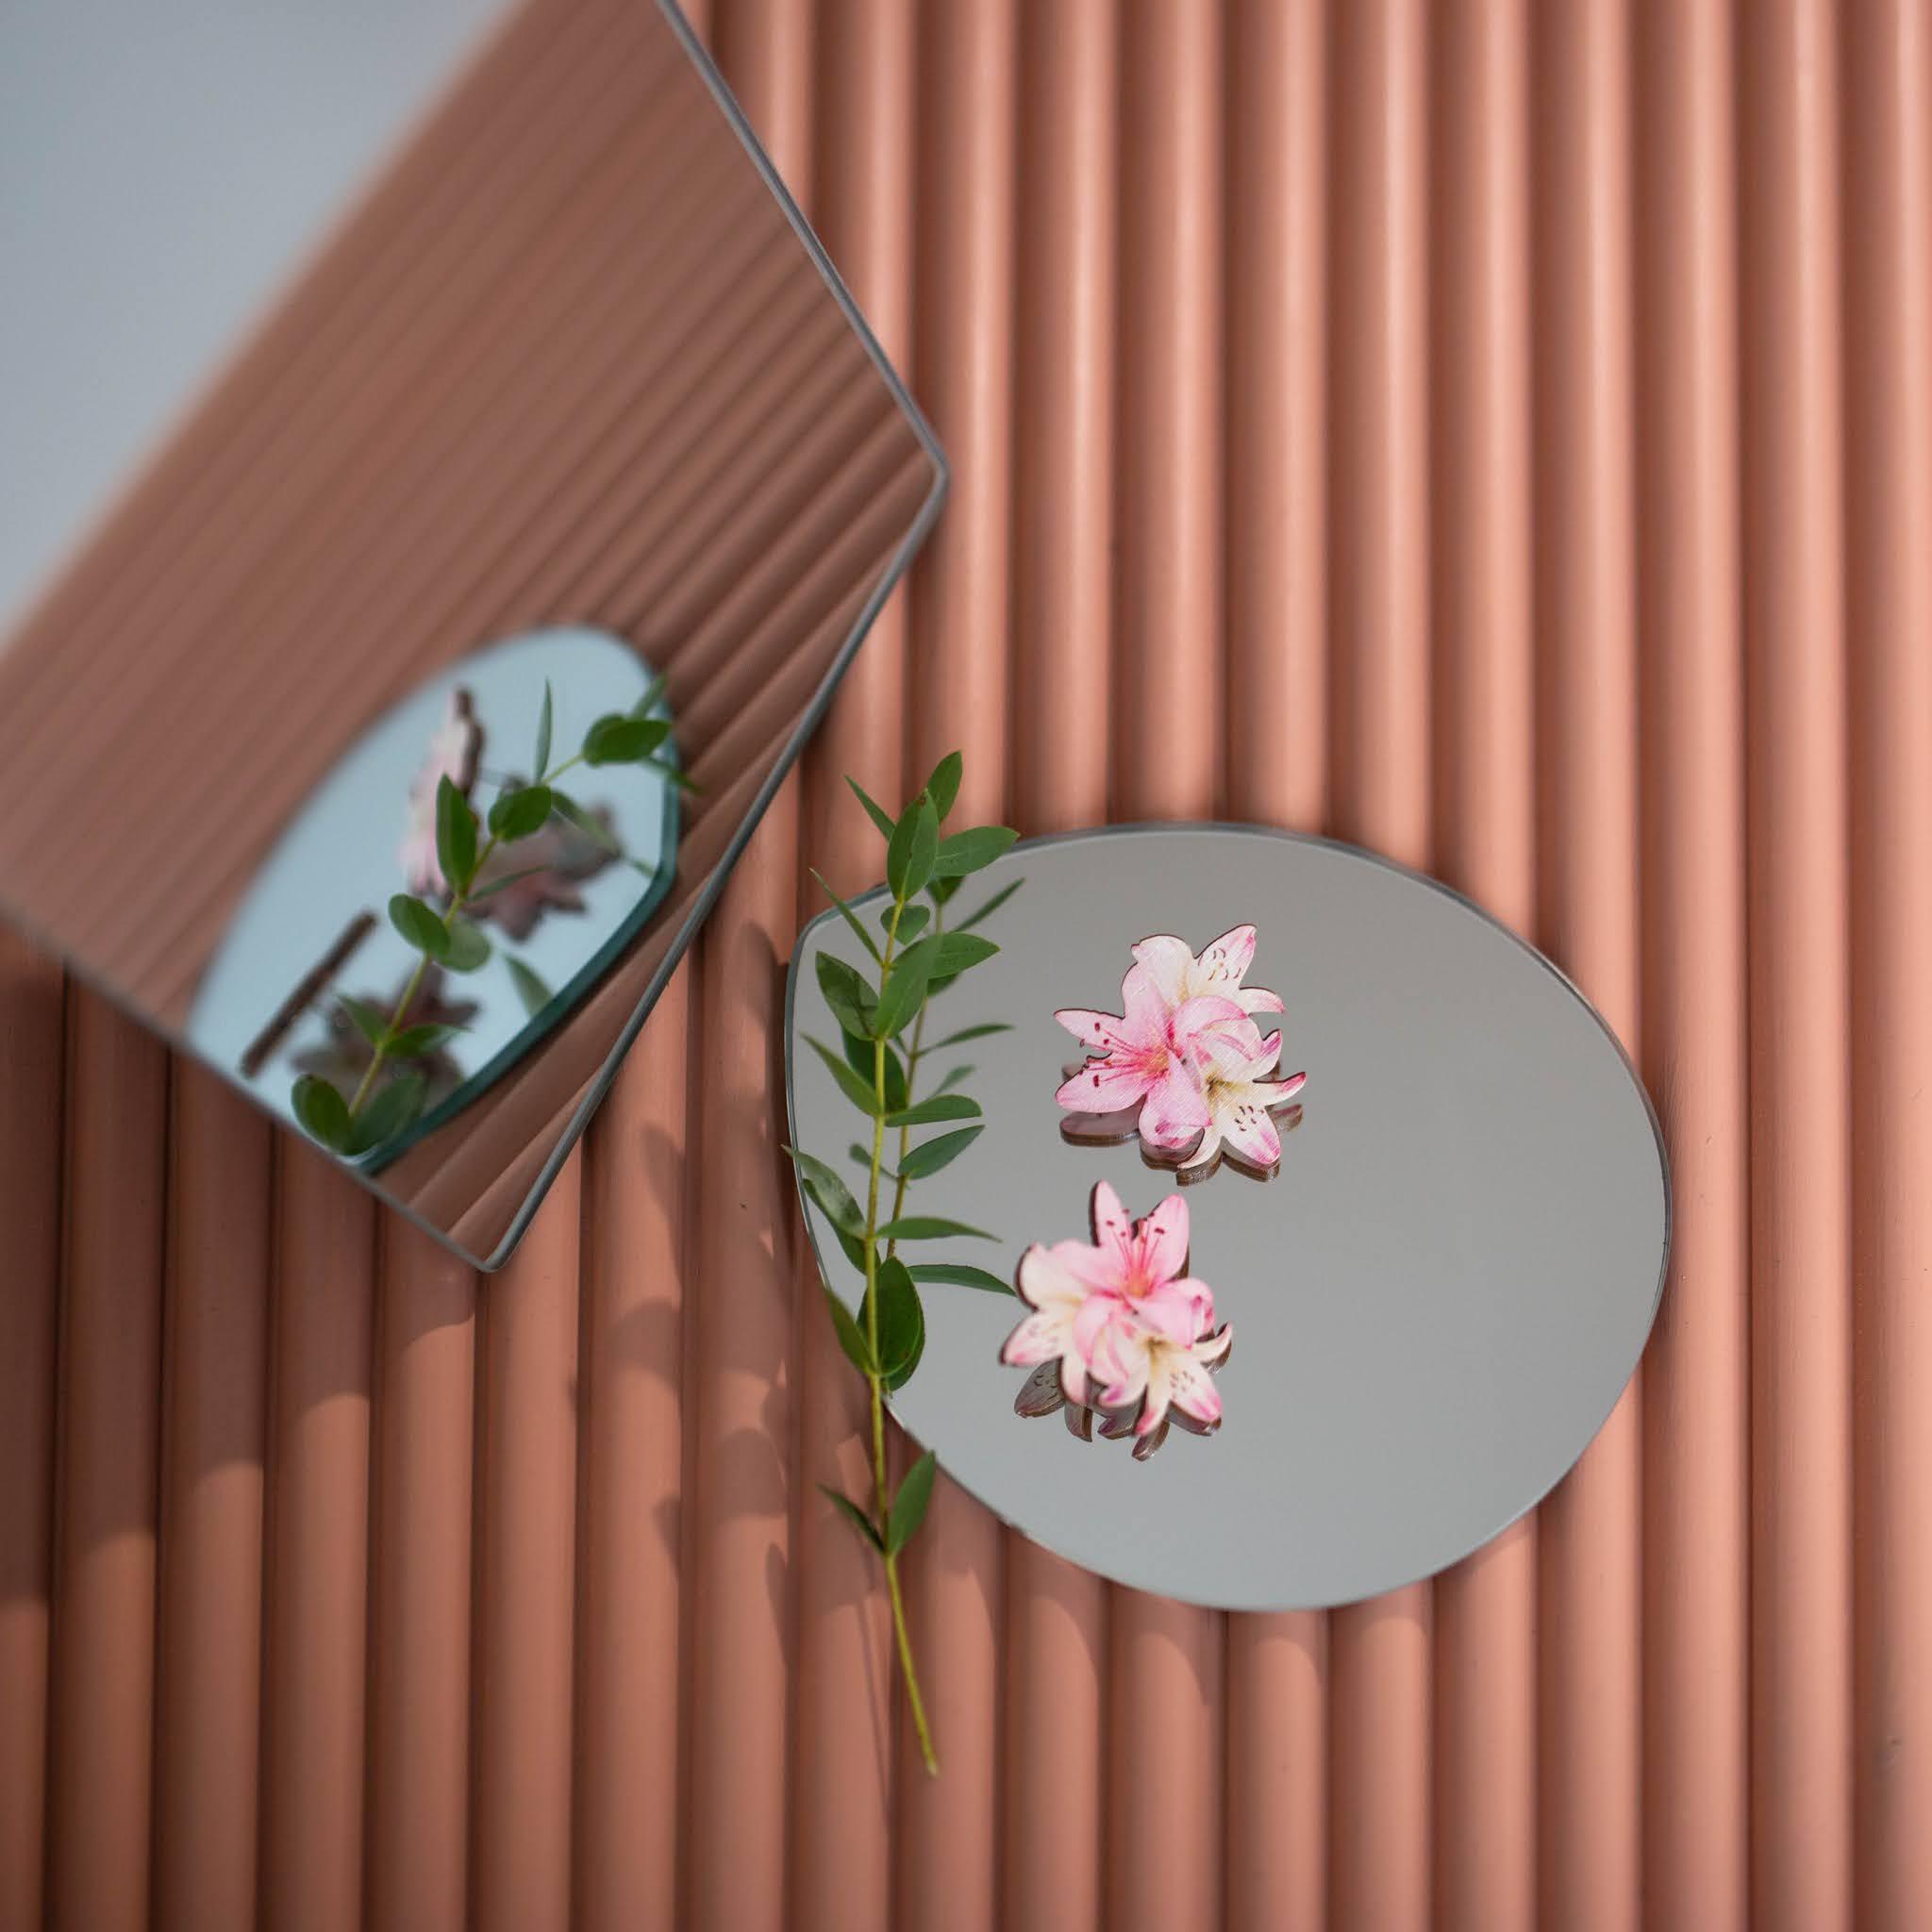 Vaaleanpunaiseksi maalatun sormipaneelin päällä kaksi peiliä, korvakorut ja pieni lehtinen eucalyptuksen oksa. Korvakorut heijastuvat peileistä.